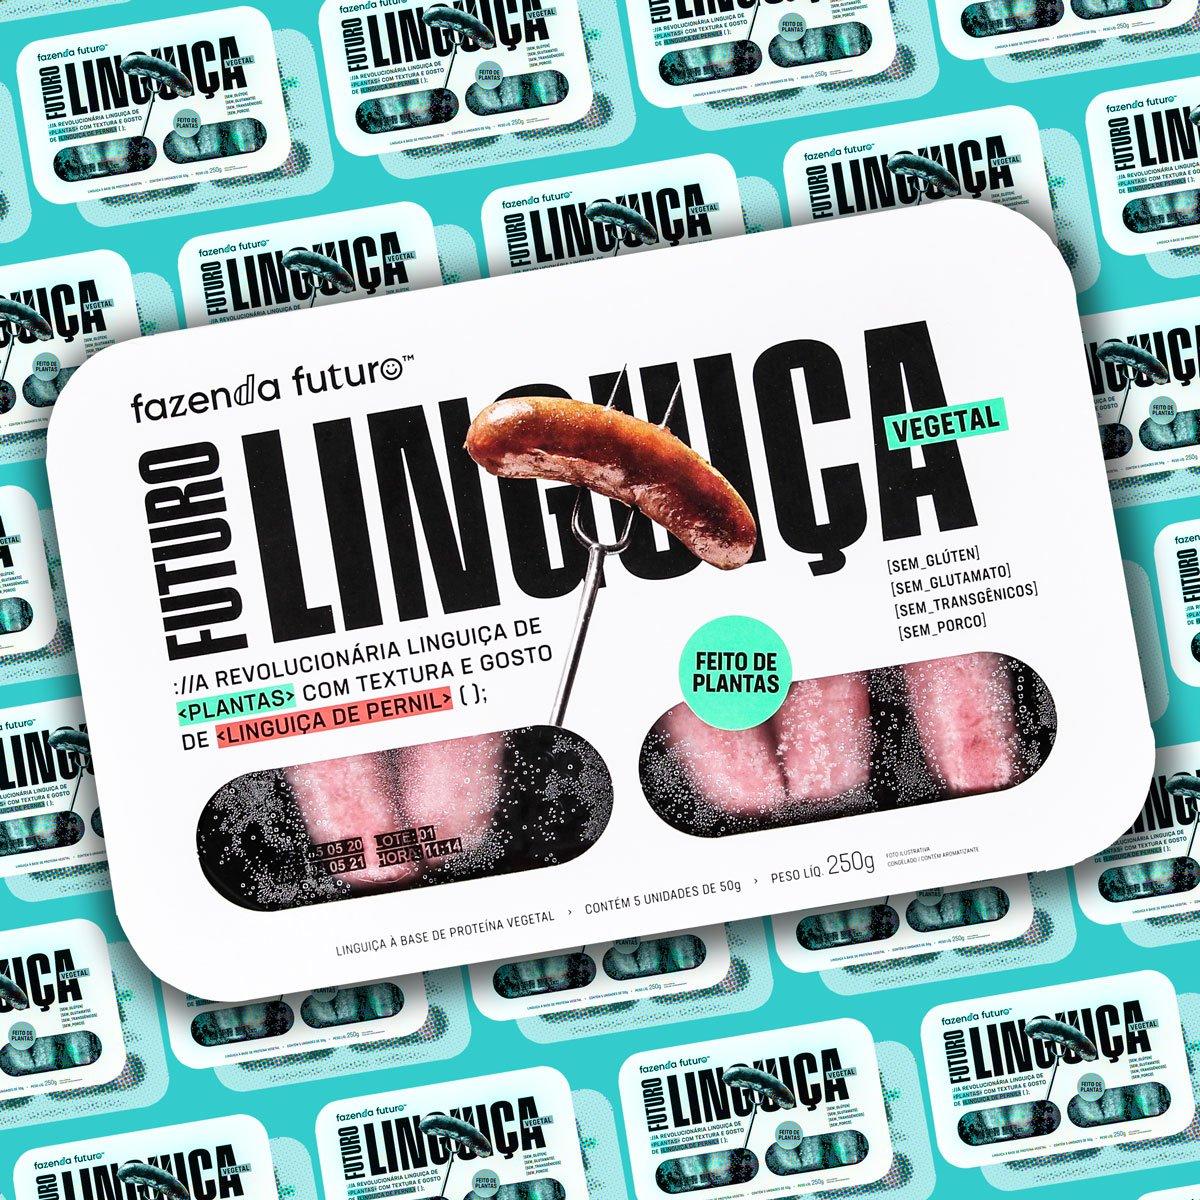 Montagem com a embalagem da Futuro Linguica